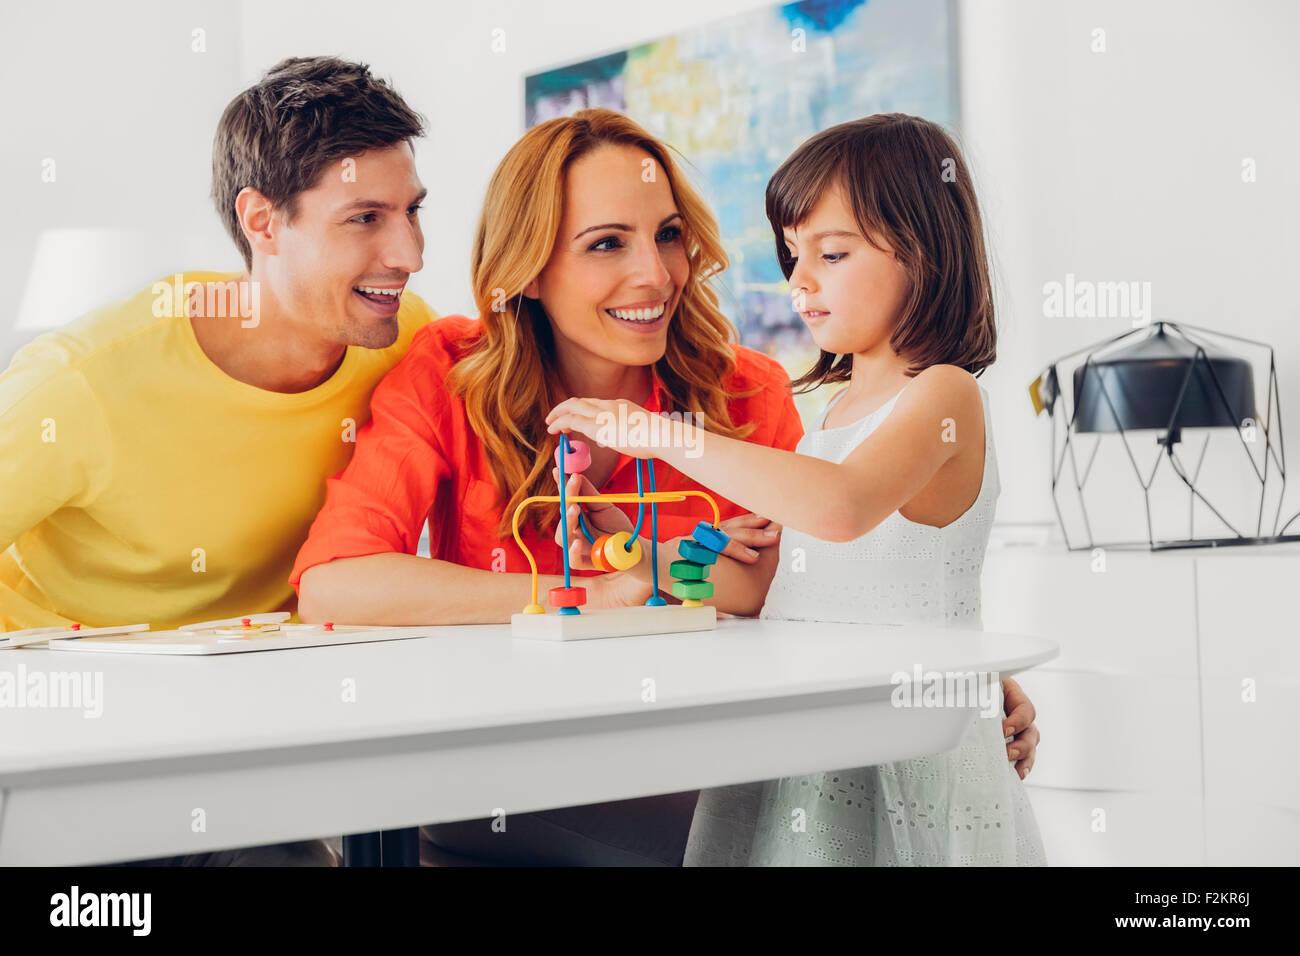 Eltern mit Tochter spielt mit Spielzeug zu Hause auf Tisch Stockbild